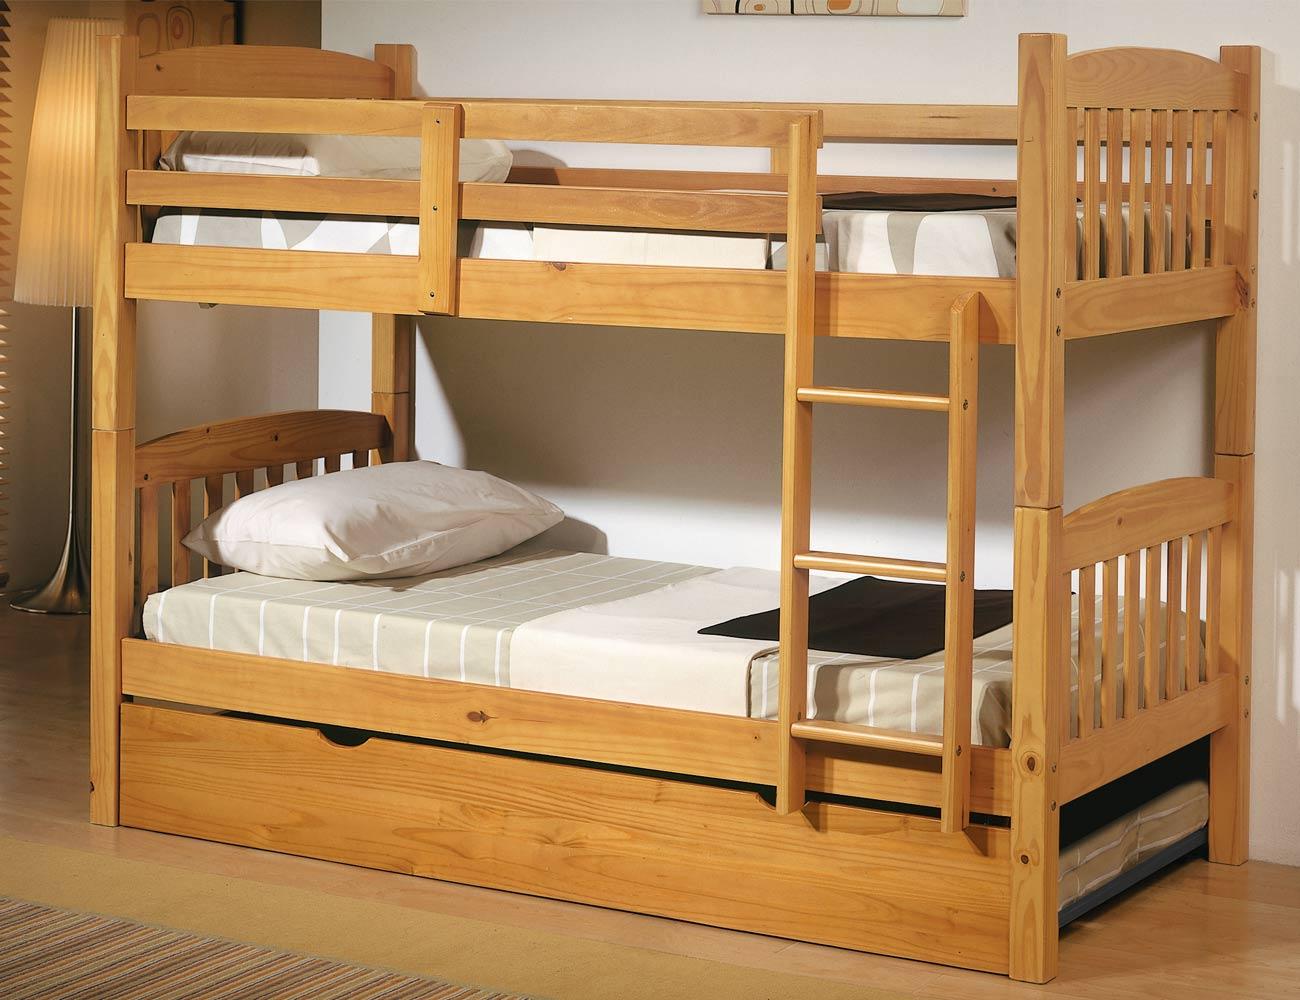 Cama litera dormitorio juvenil en madera color miel con somieres de lamas 8087 factory del - Camas nido de 105 cm ...